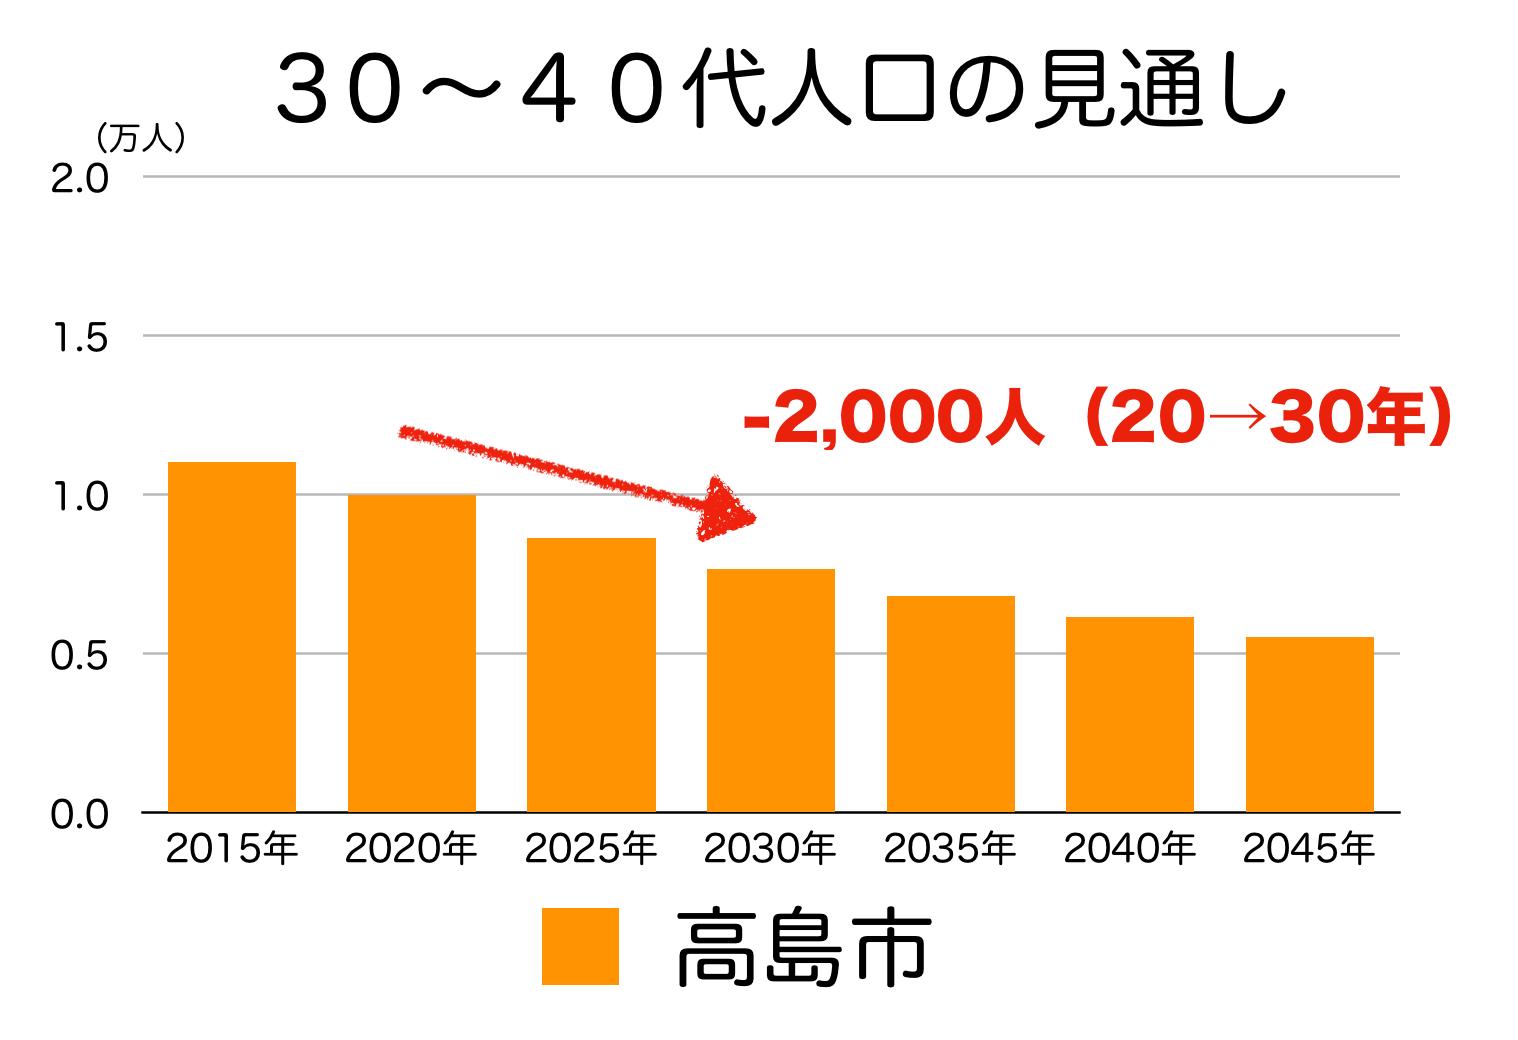 高島市の30〜40代人口の予測